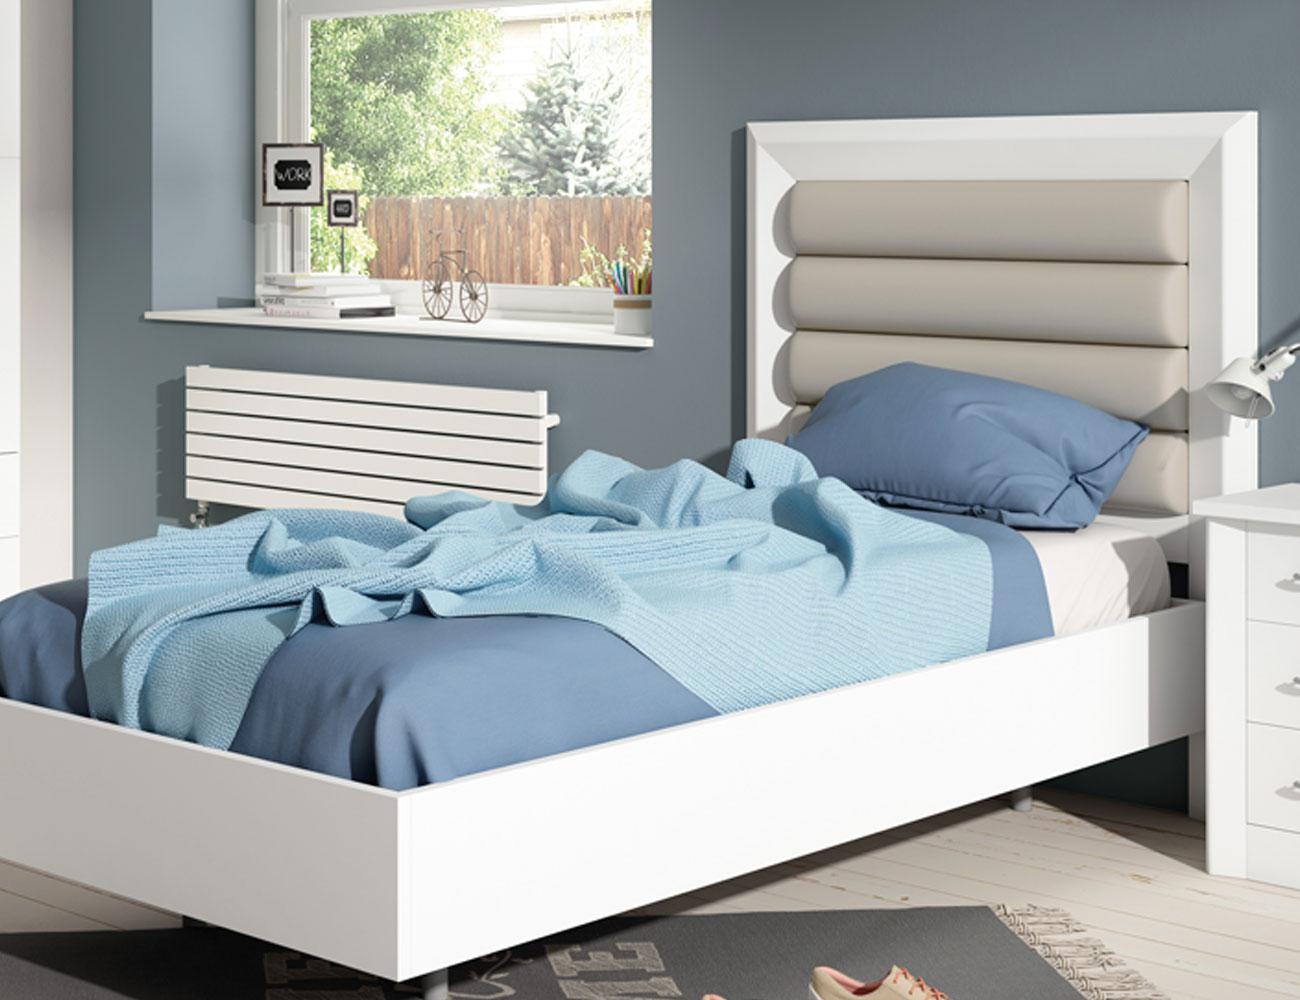 80105 cabecero tapizado madera blanco lacado